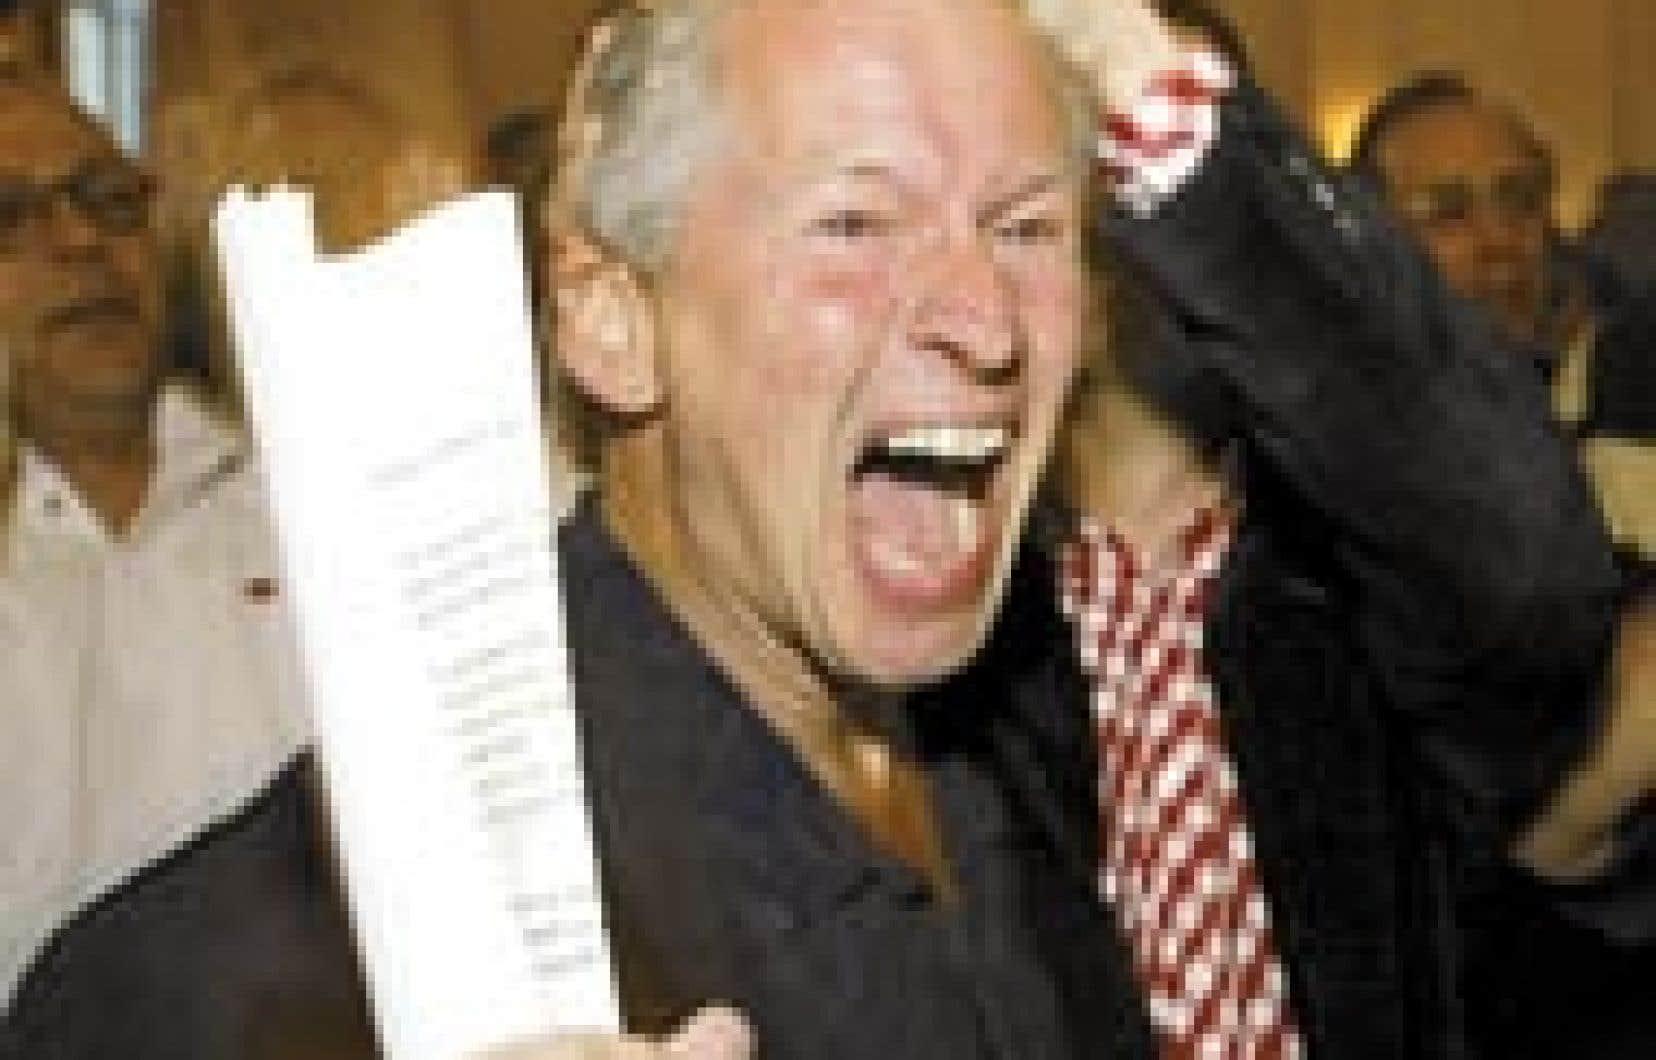 Le député néerlandais Hans van Heijningen, du Parti socialiste, célèbre les résultats du scrutin référendaire sur la Constitution européenne lors d'une fête au zoo d'Amsterdam. Les Néerlandais ont rejeté le traité dans une proportion de